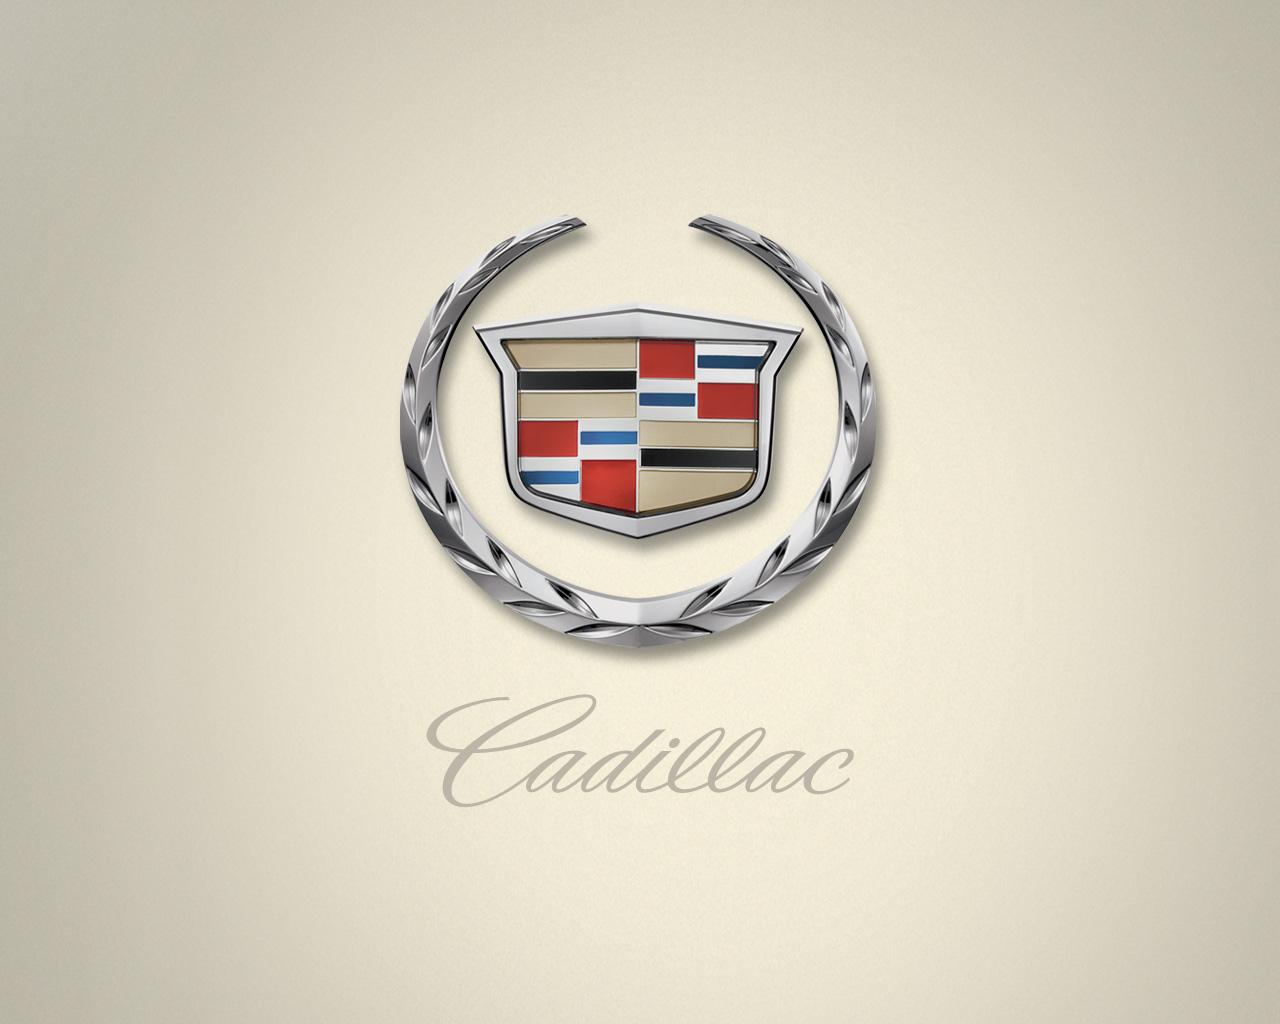 cadillac logo vector. cadillac logo wallpaper 59080 vector